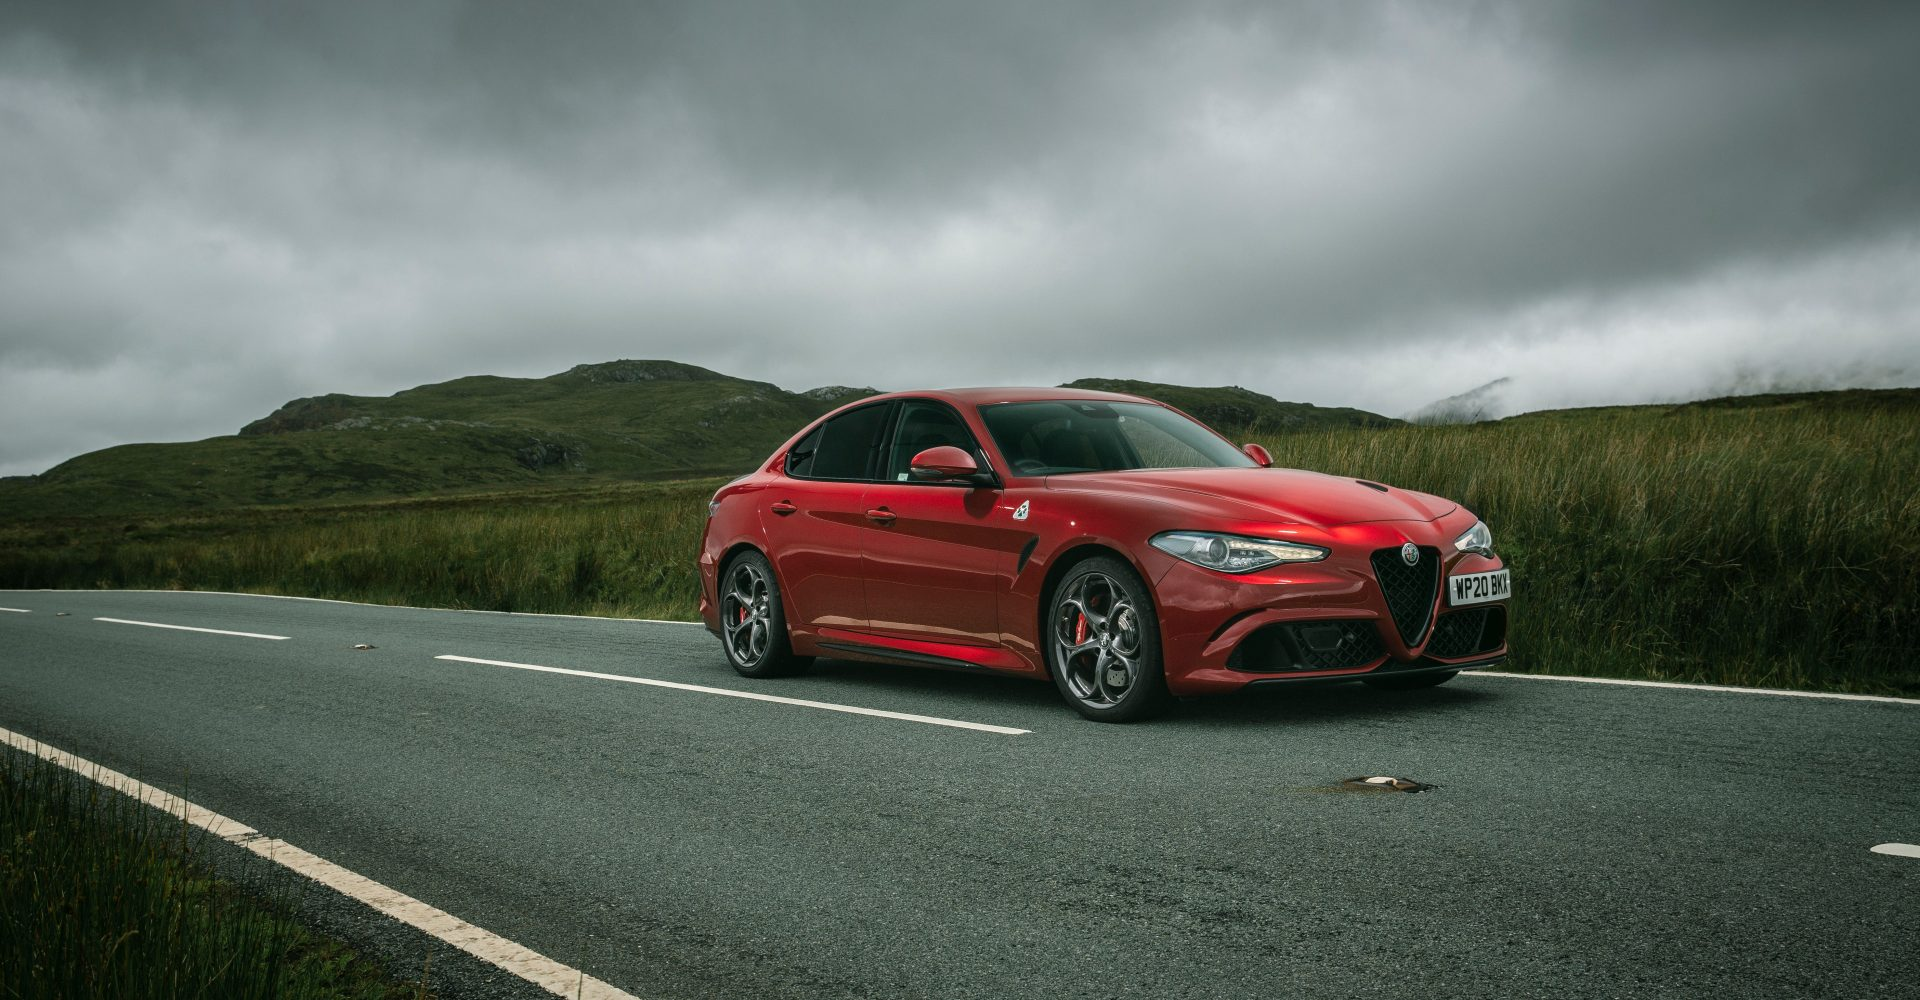 UK Drive: The Alfa Romeo Giulia Quadrifoglio remains a superb sports saloon